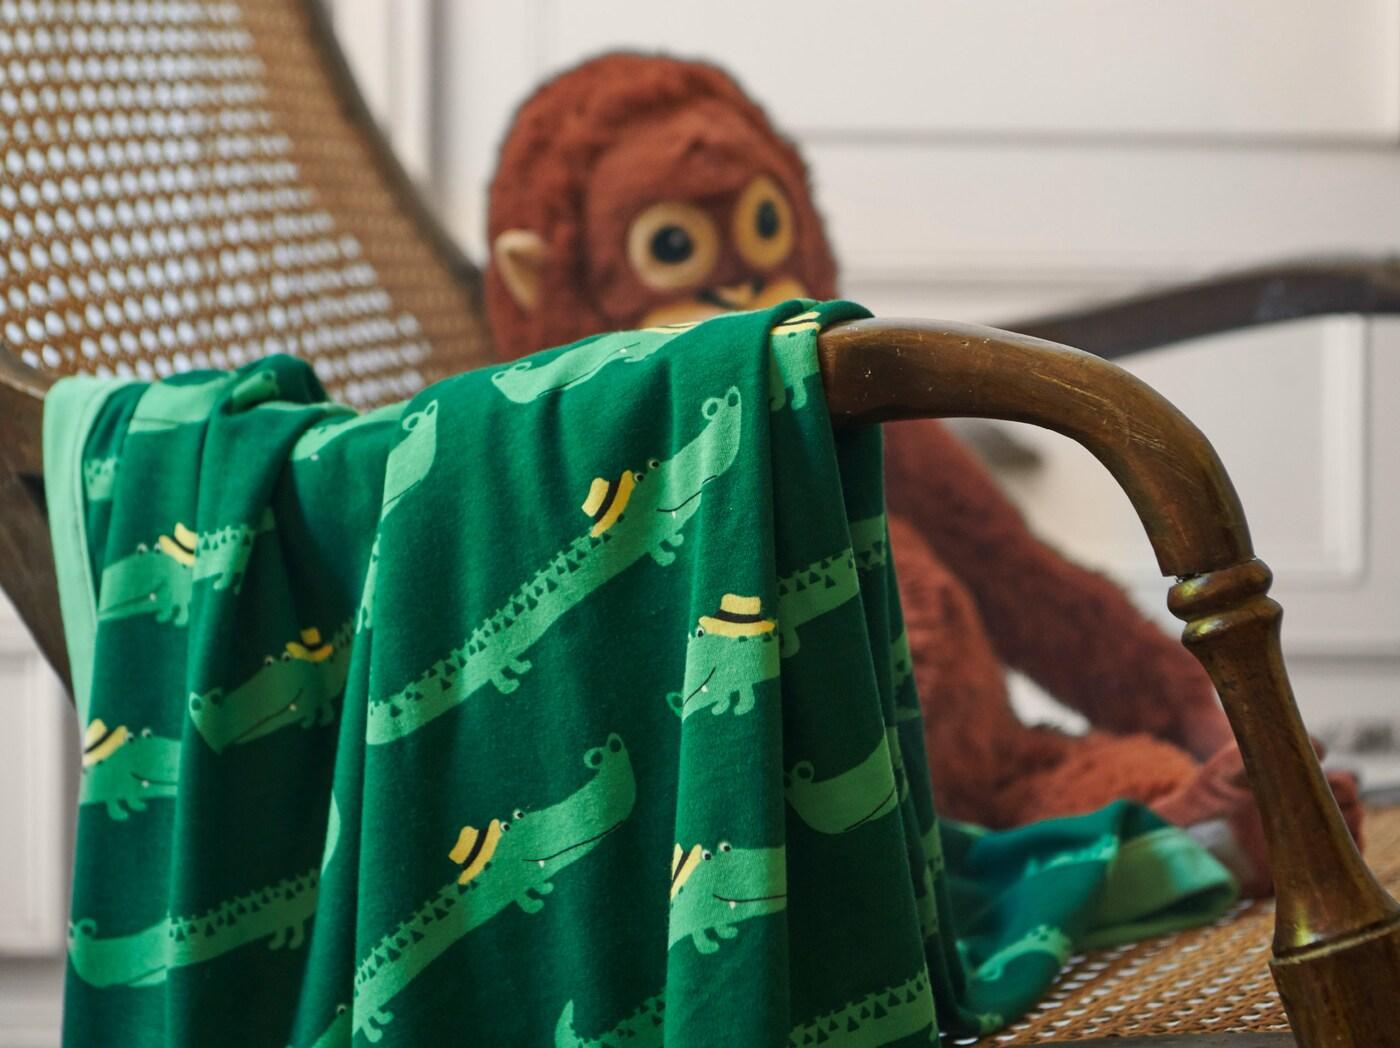 Dettaglio di una coperta RÖRANDE con dei coccodrilli su uno sfondo verde, appoggiata su una sedia di vimini - IKEA